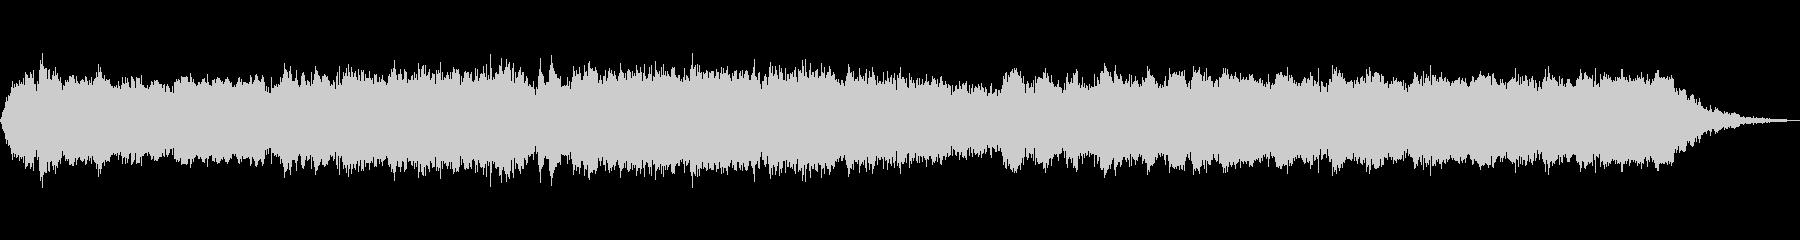 板金ボウ06-LCRの未再生の波形